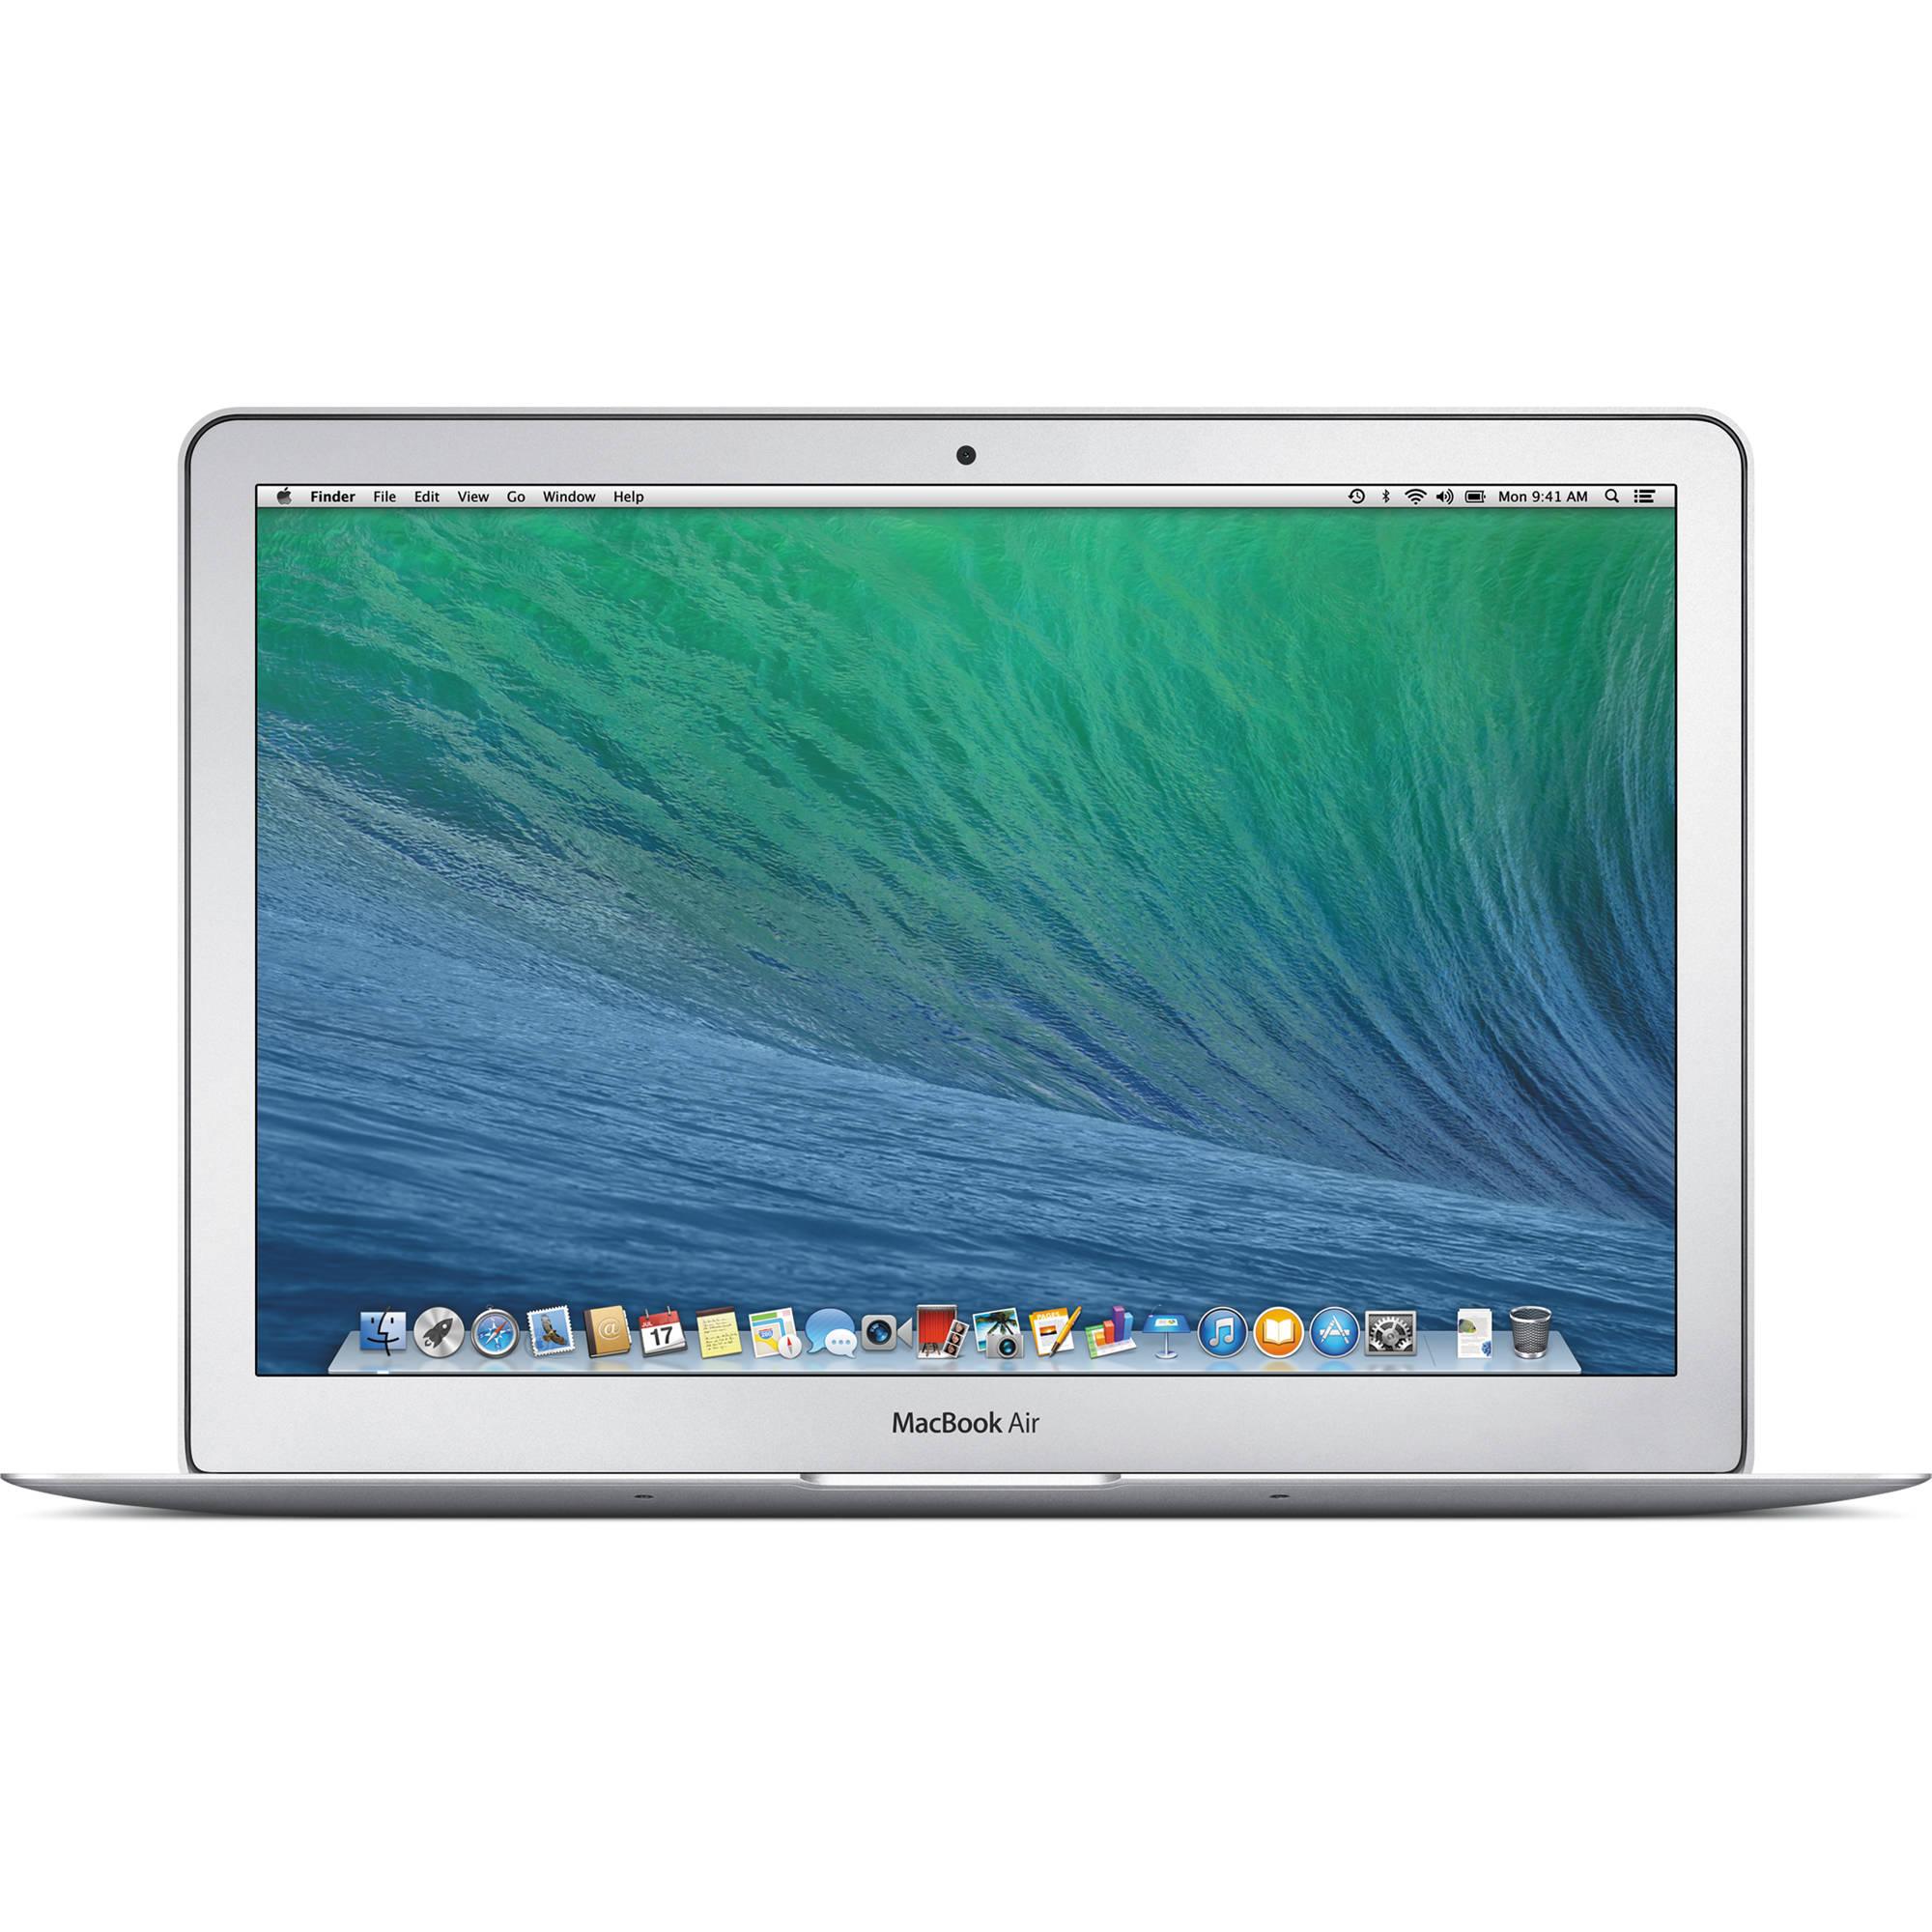 apple 13 3 macbook air notebook computer z0p0 md7612b b h